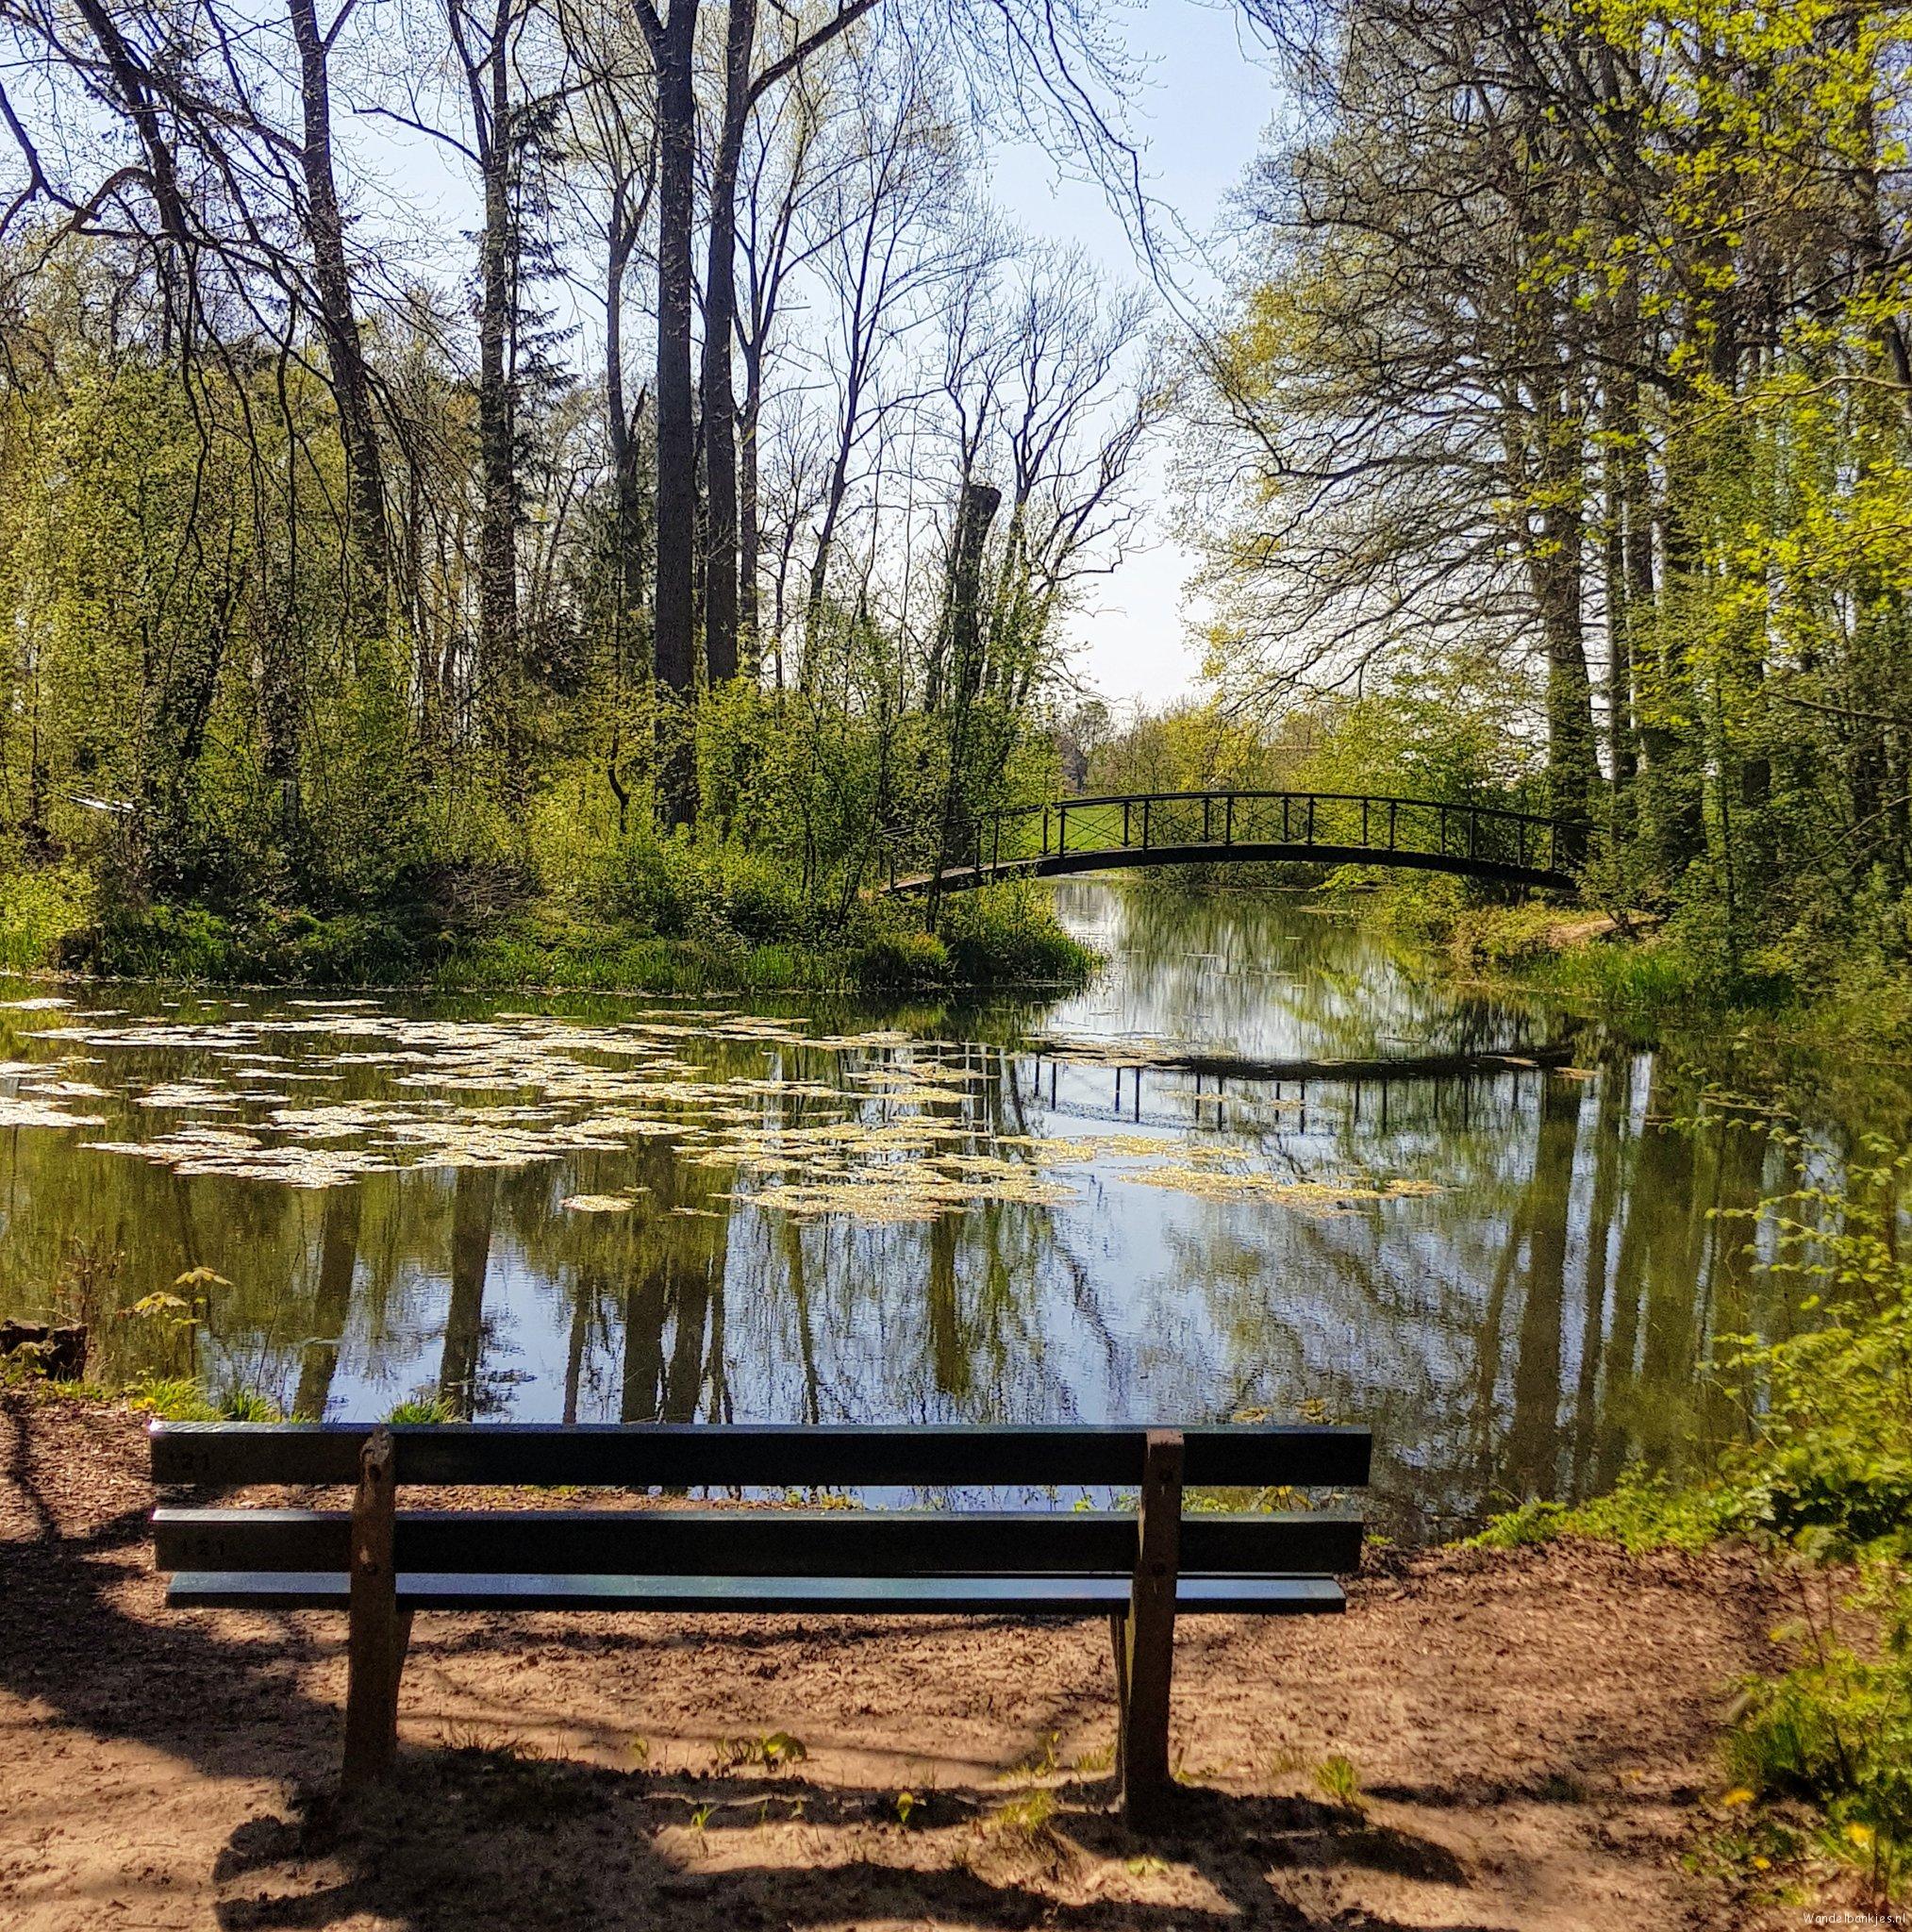 rt-wolfswandelplan-t-hertenbosch-in-baak-wandelbankjes-https-t-co-xnk6sieyhe